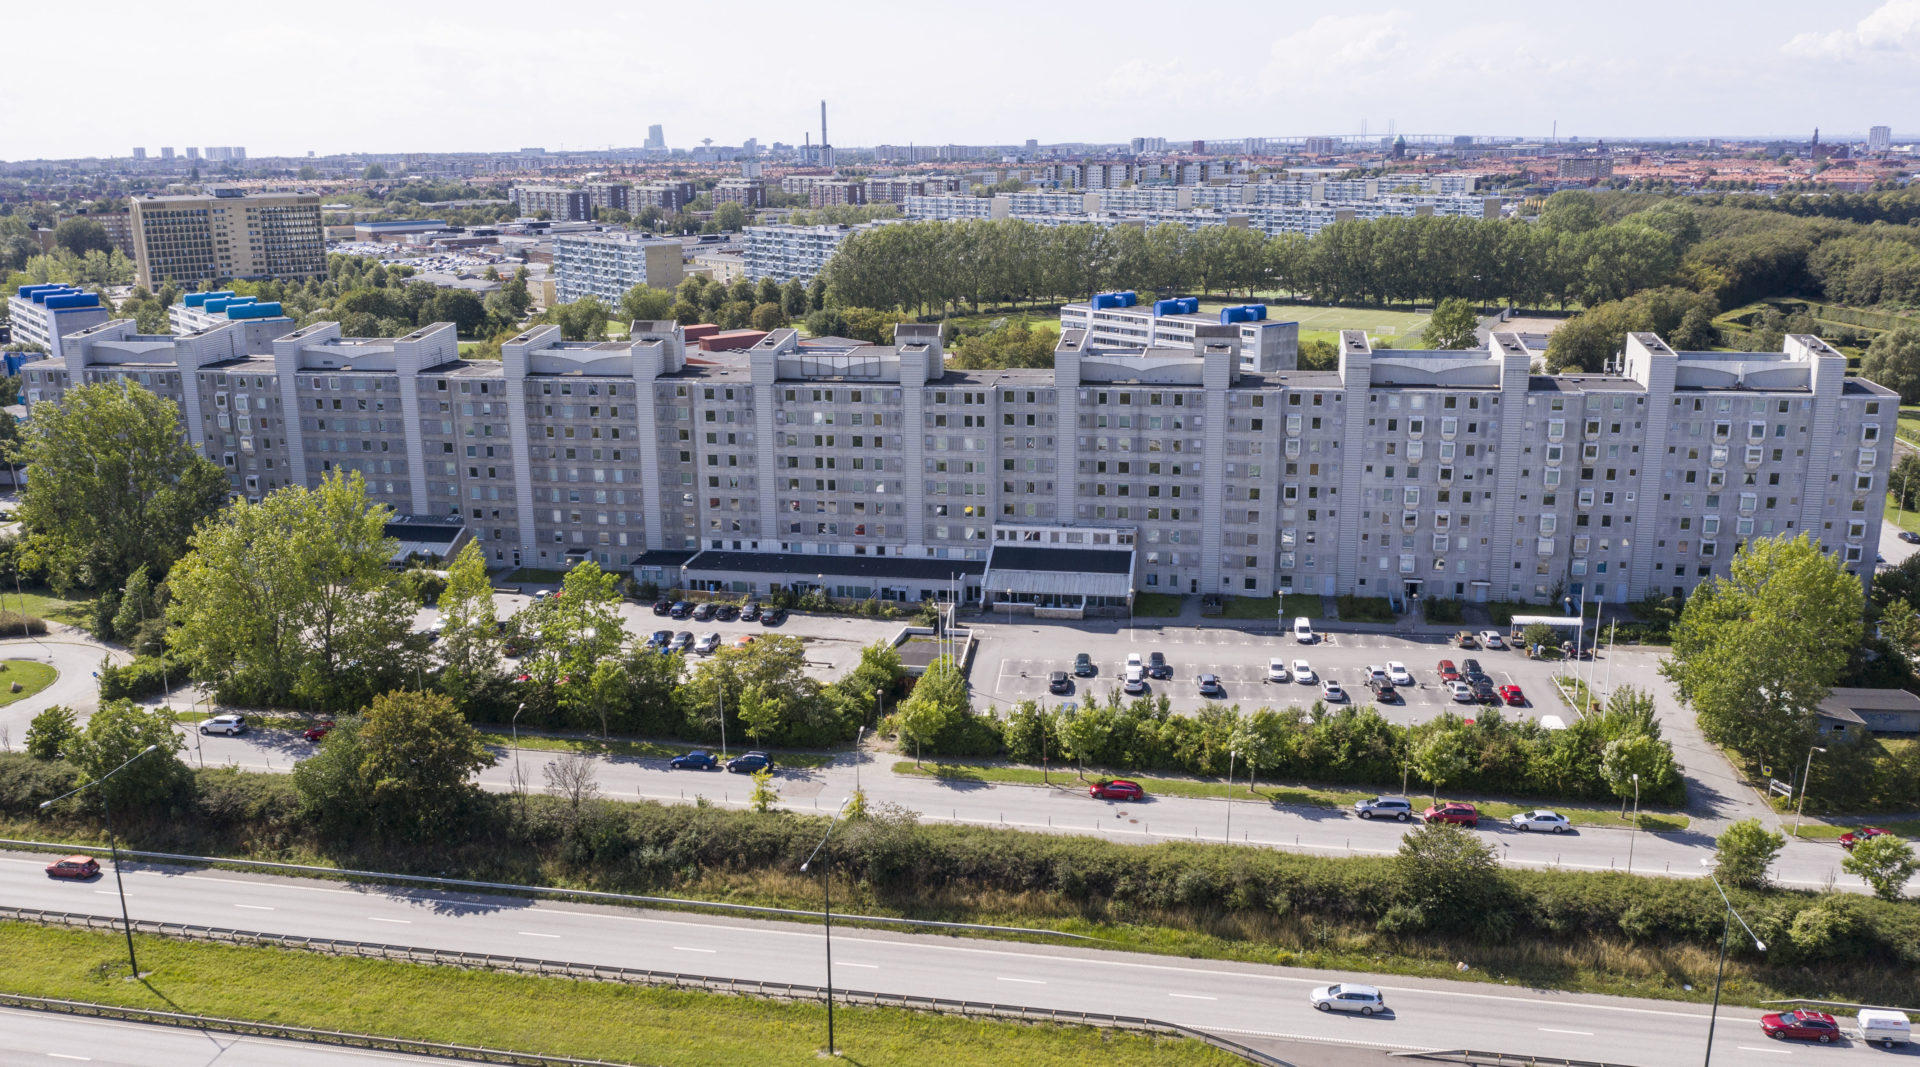 Flygfoto över bostadskomplexet Kinesiska muren i Rosengård, som sträcker sig som en mur utmed vägen.